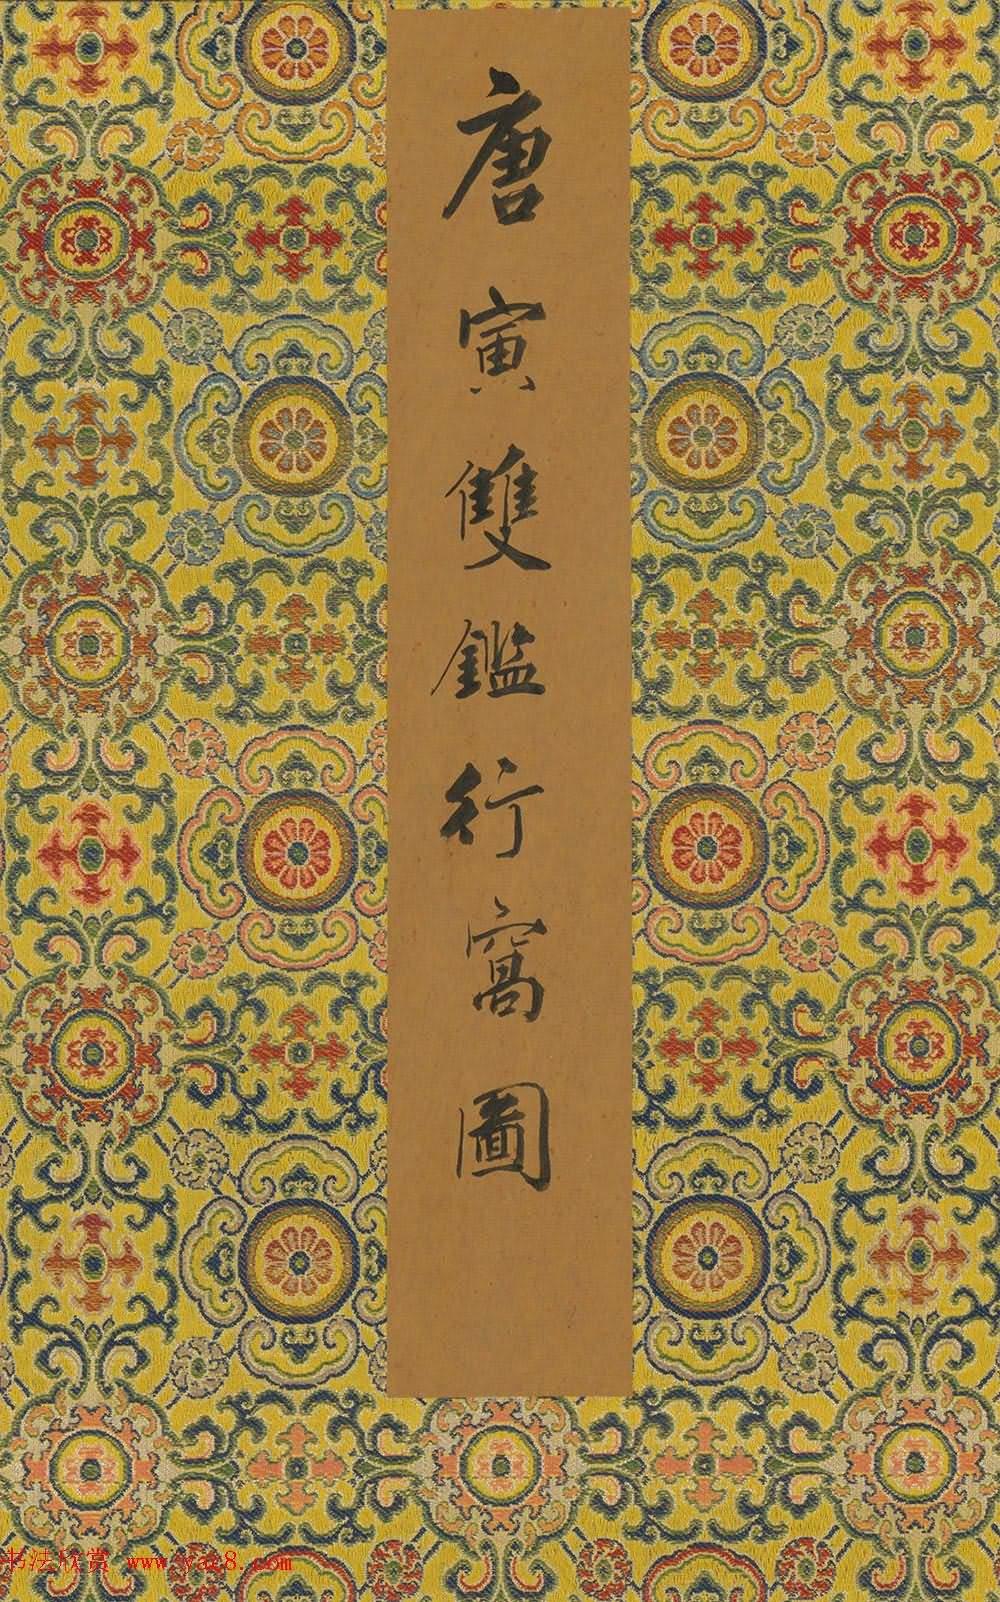 唐寅50歲書法墨跡字帖《雙鑒行窩記》(共18張圖片)